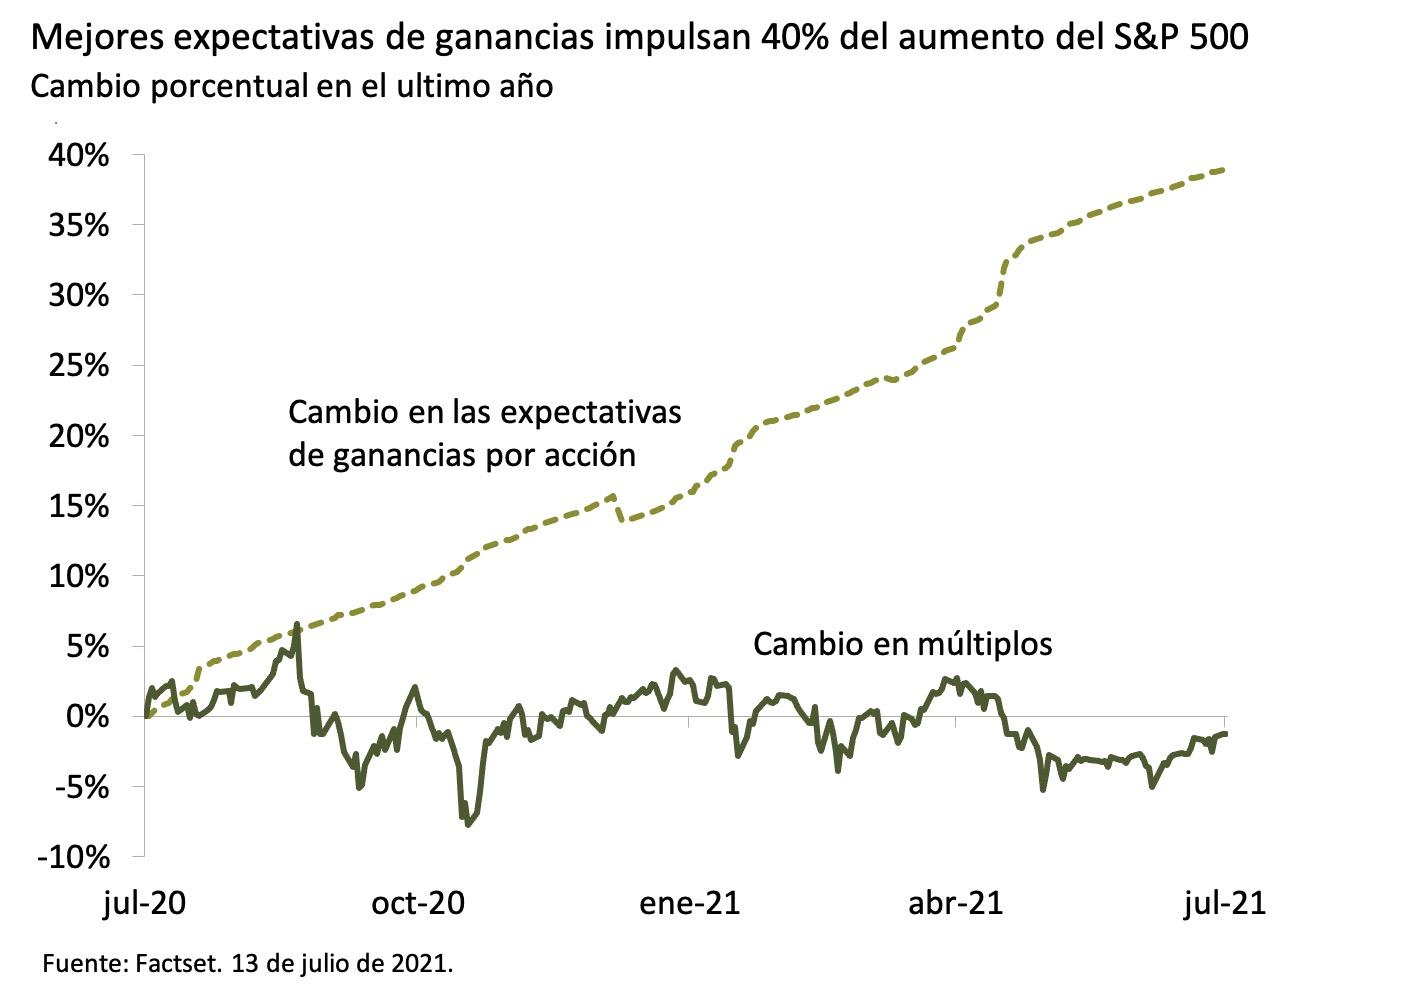 Este gráfico muestra el cambio en las expectativas de ganancias por acción y el cambio en múltiplos entre julio de 2020 y el 13 de julio de 2021 en términos porcentuales.